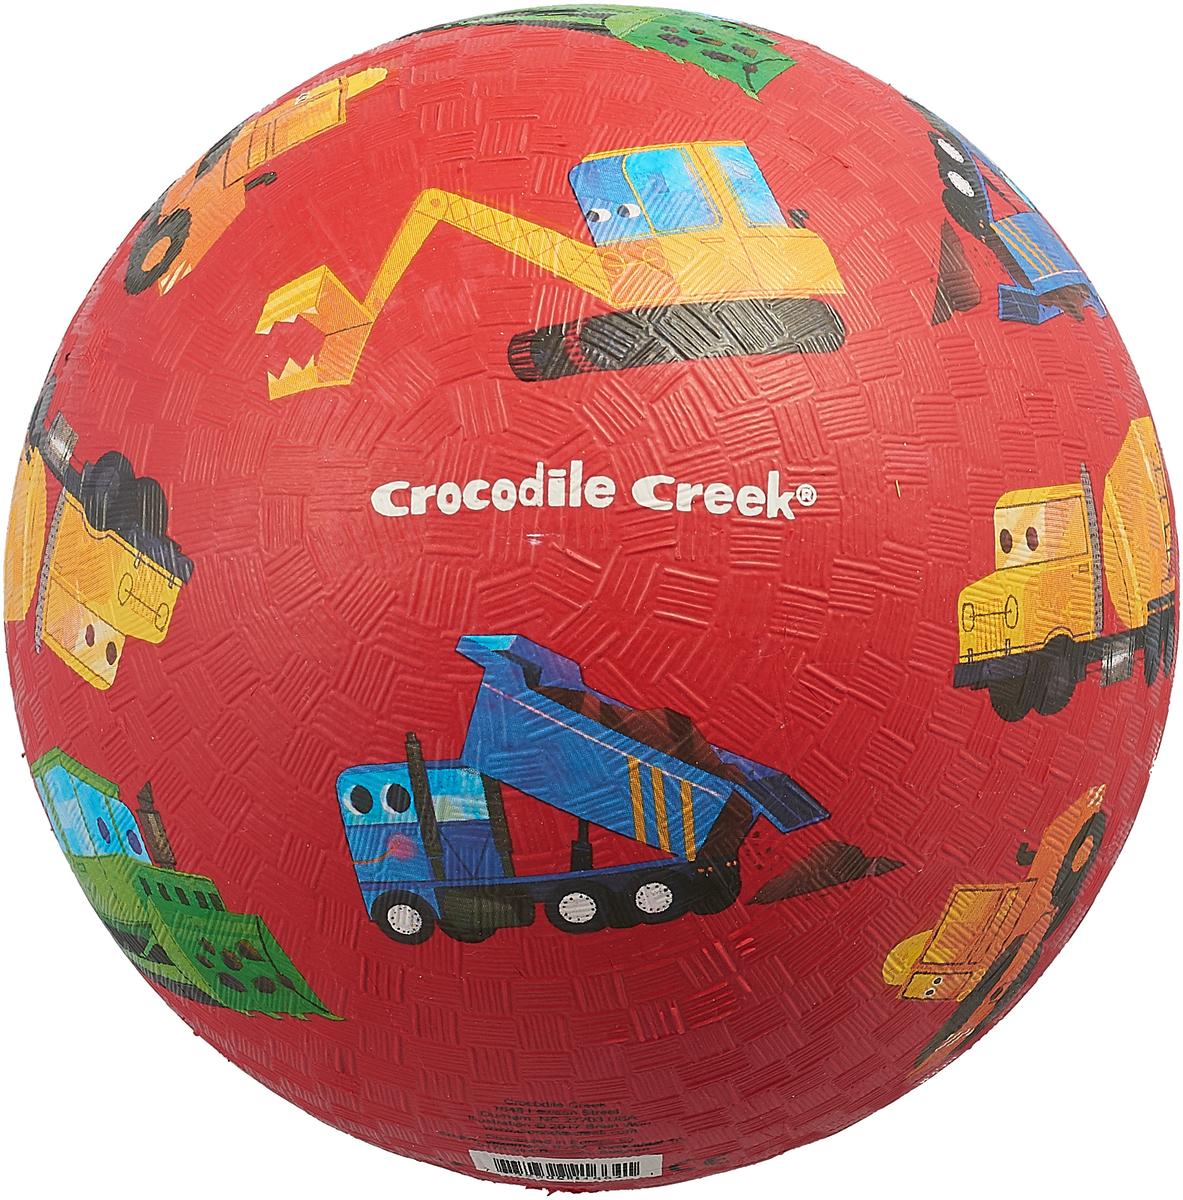 Мяч детский Crocodile Creek Маленький строитель. 2166-4 хаха мяч rocking horse детский открытый фитнес игрушки музыкальные красочные надувные прыжки маккавеев толстый маленький лошадь